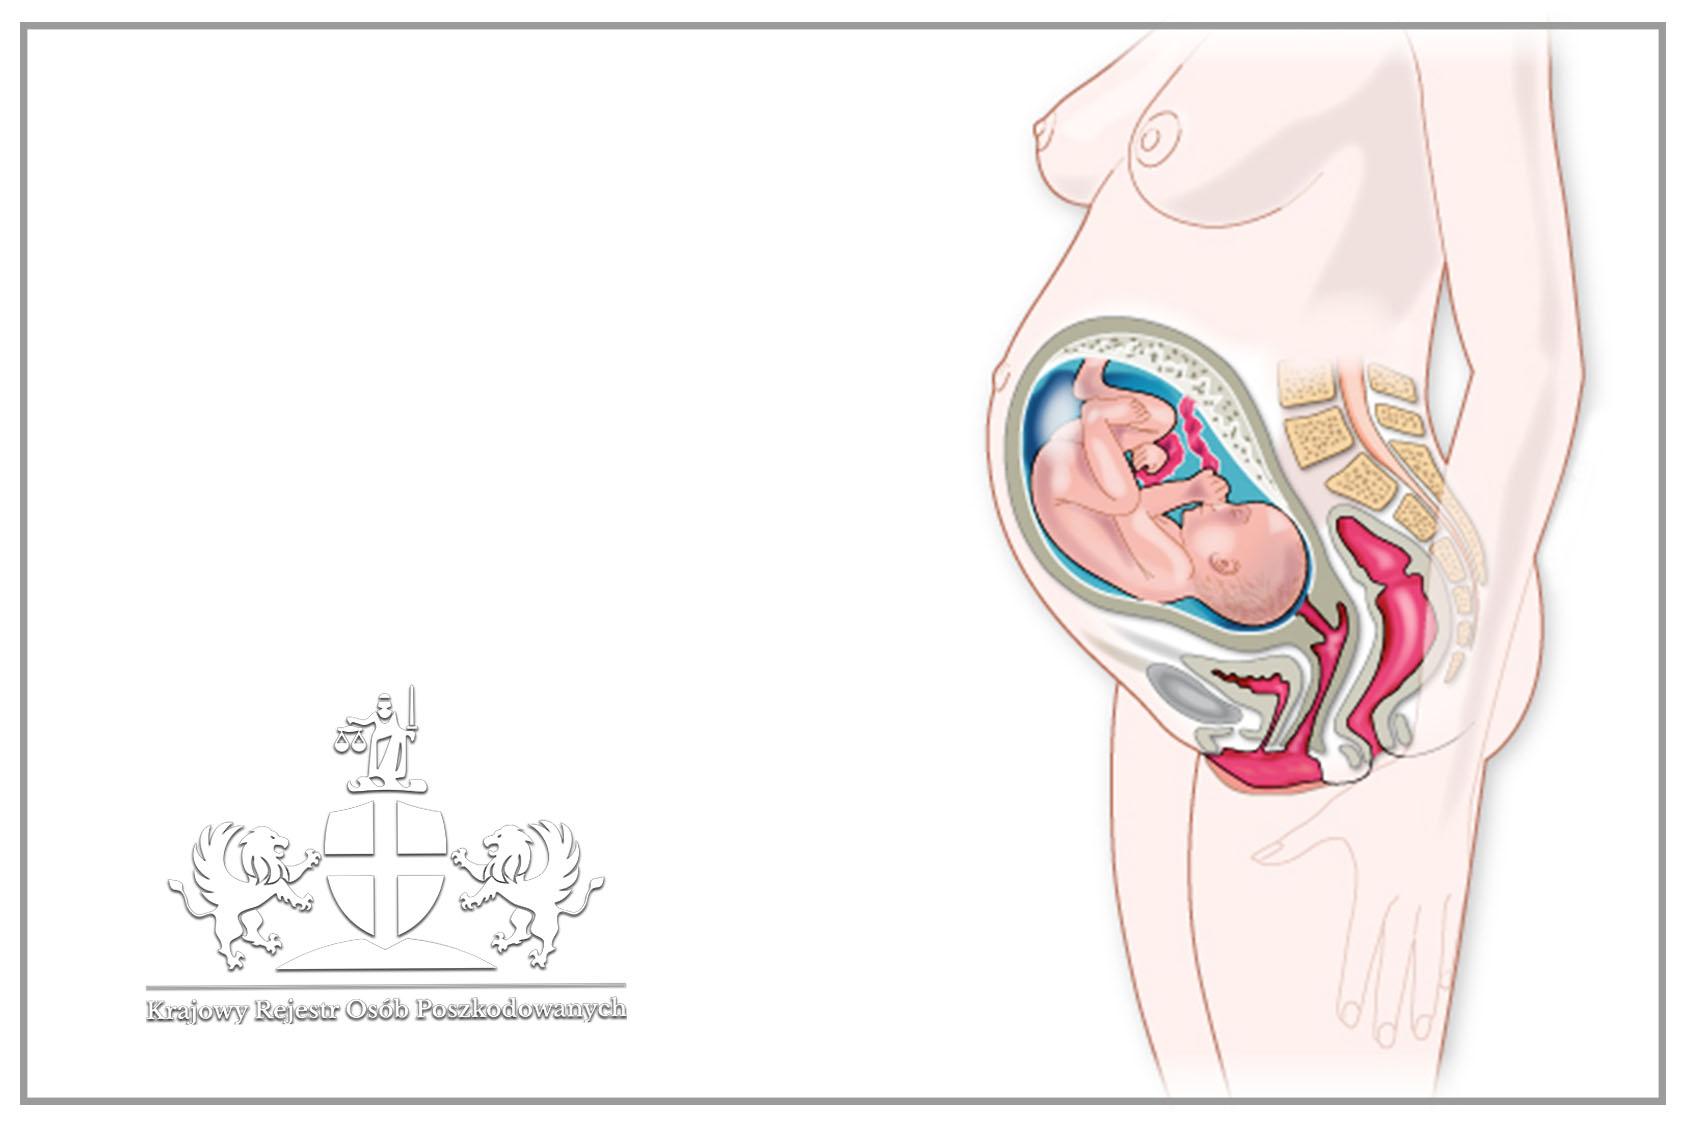 Wady wrodzone narządów płciowych i dolnego odcinka układu pokarmowego Wady wrodzone narządów płciowych i dolnego odcinka układu pokarmowego budzą w rodzicach niepokój oraz lęk o przyszłość dziecka. Martwisz się o swoje dziecko? Jesteś w ciąży i chcesz dowiedzieć się czegoś więcej na temat zagrożeń? Ten artykuł jest dla Ciebie! Dowiedz się więcej o zagrożeniach związanych z wadami narządów płciowych oraz dolnego odcinka układu pokarmowego u noworodków. Wady wrodzone narządów płciowych i dolnego odcinka układu pokarmowego – wada Zastawki Cewki Tylnej (ZCT) Wada Zastawki Cewki Tylnej oznacza nadmierny przerost błony śluzowej między ścianą cewki błoniastej, a wzgórkiem nasiennym, co utrudnia odpływ moczu u chłopców. Wada występuje u 1:5000–8000 żywo urodzonych noworodków płci męskiej. Rodzaj i nasilenie zależą od: wieku pacjenta, stopnia zaburzeń odpływu moczu (objawy przeszkodowe), towarzyszących zakażeń układu moczowego (ZUM). Objawami są: utrudniona mikcja, powiększony obwód brzucha, ZUM, uszkodzenie nerek, wymioty, nadmierny spadek masy ciała, żółtaczka, niedokrwistość, zły stan ogólny, czasem gorączka. Wada może zostać zdiagnozowana już w okresie prenatalnym, podczas standardowego badania USG. Po porodzie wykonuje się następujące badania diagnostyczne: • cystouretrografia mikcyjna, • USG jamy brzusznej, • renoscyntygrafia • oraz badania laboratoryjne (badanie ogólne i posiew moczu, oznaczenie stężenia kreatyniny oraz mocznika) Czas i rodzaj leczenia ustala zespół złożony z: chirurga, urologa, neonatologa, anestezjologa. Wady wrodzone narządów płciowych i dolnego odcinka układu pokarmowego – zespół wynicowania kloaki Wynicowanie kloaki dotyczy 1:300 000 urodzeń, ryzyko wystąpienia wady jest jednakowe u obu płci. Objawami są: wynicowanie centralnie położonej kątnicy oraz bocznie położonych 2 połówek pęcherza moczowego, wypadanie jelita cienkiego przez zastawkę krętniczo-kątniczą, nieprawidłowe rozwinięcie jelita grubego, szeroki rozstęp spojenia łonowego, przepuklina